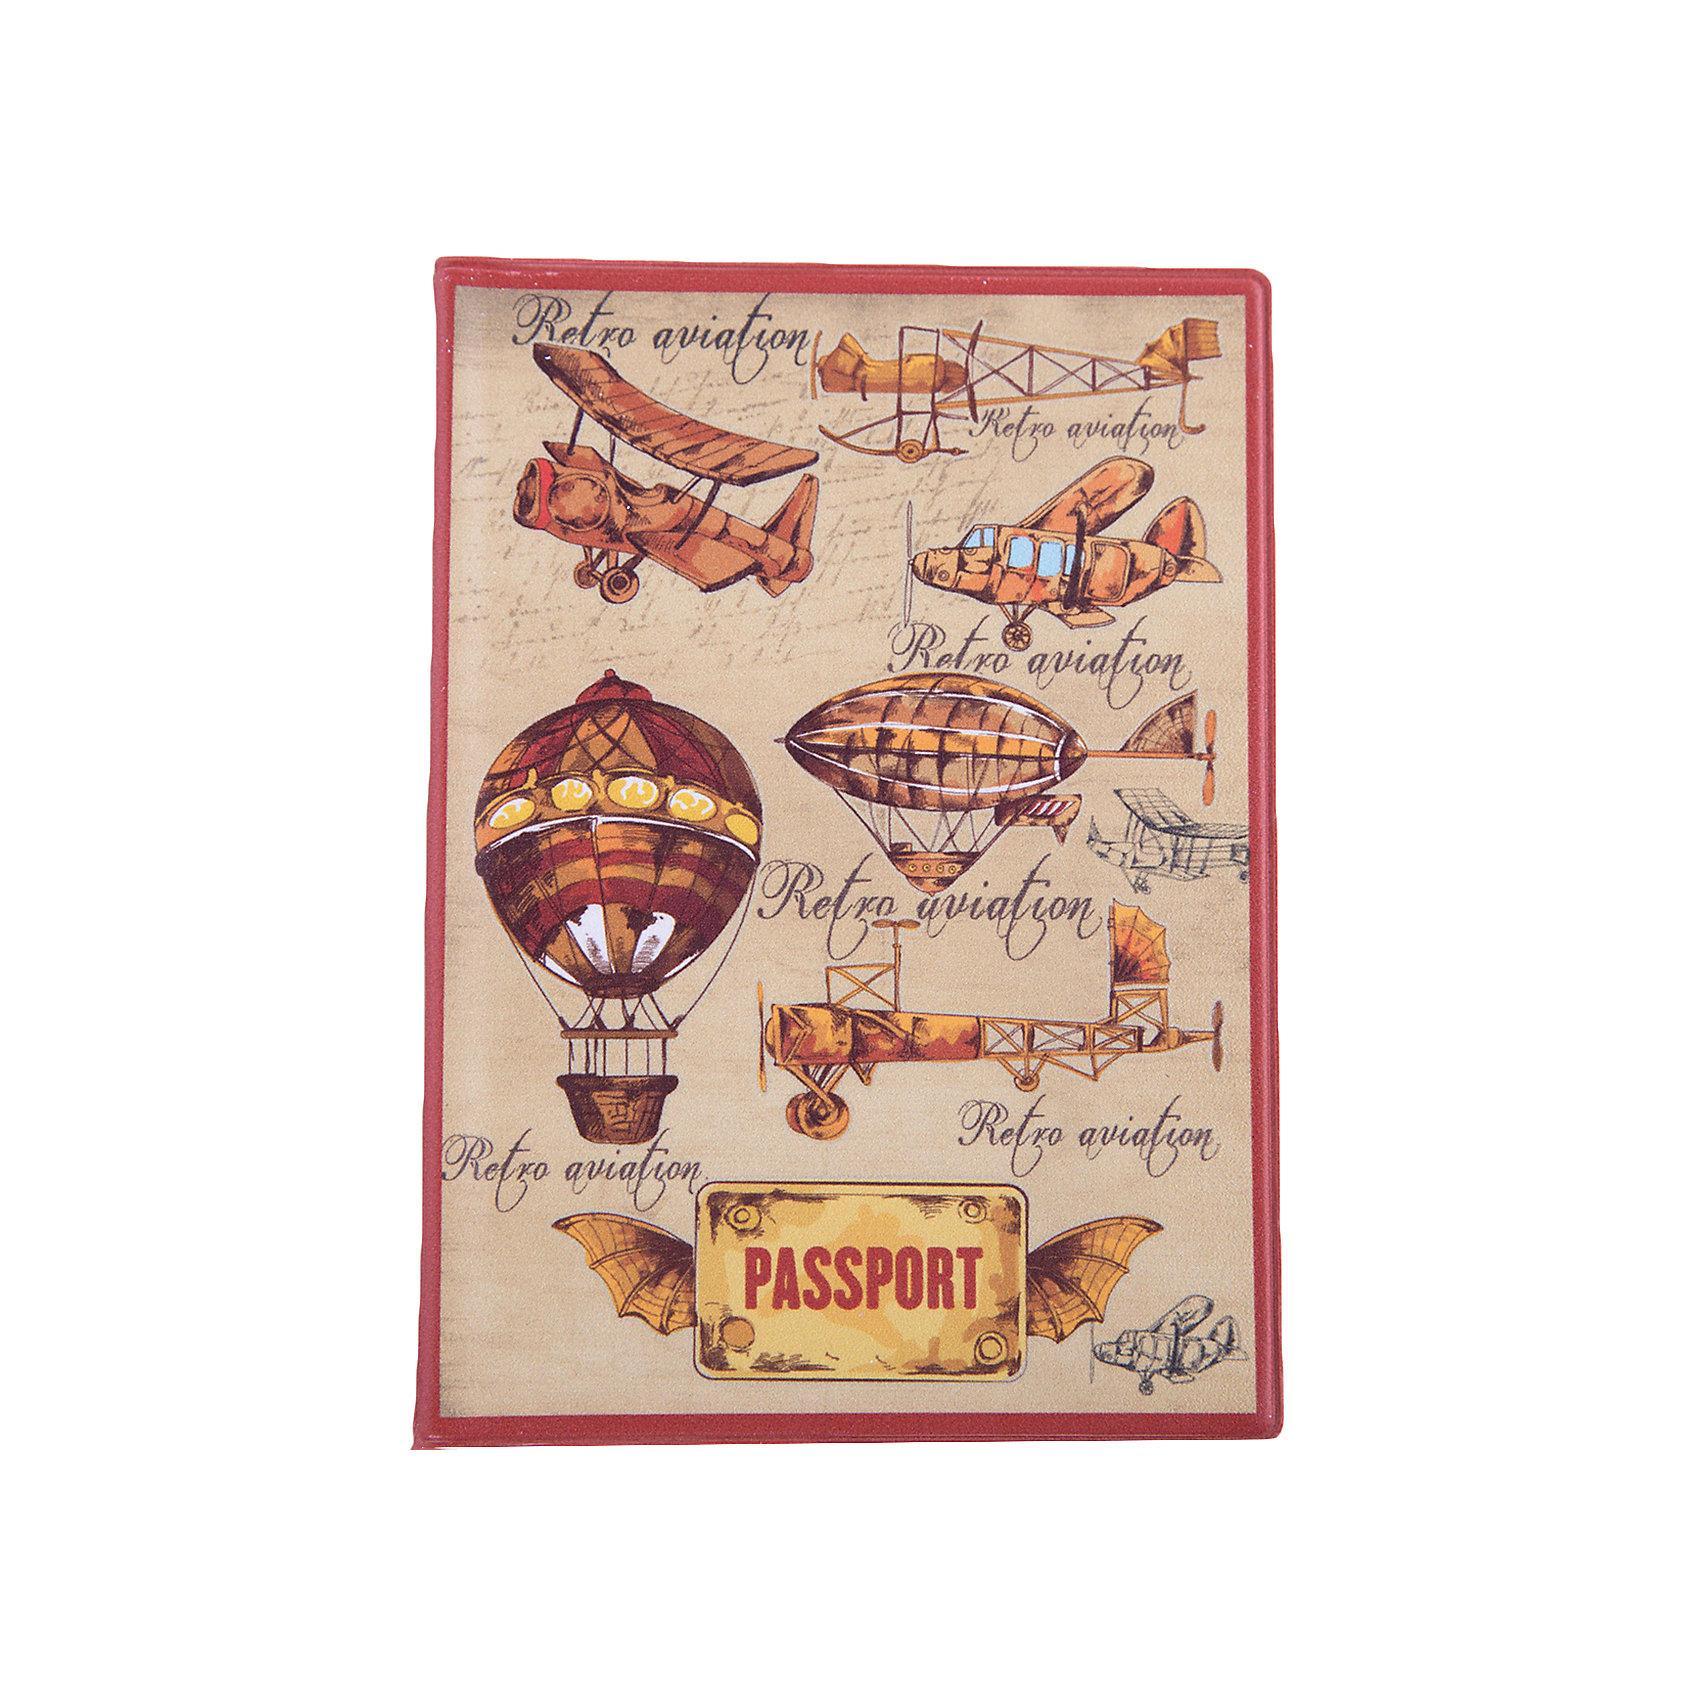 Обложка для паспорта Самолеты и дирижабли, Феникс-ПрезентВ дорогу<br>Обложка для паспорта Самолеты и дирижабли, Феникс-Презент<br><br>Характеристики:<br><br>• оригинальный дизайн<br>• высокая прочность<br>• размер: 13,3х19,1 см<br>• материал: ПВХ<br><br>Обложка Самолеты и дирижабли надежно защитит ваш паспорт от механических воздействий. Она выполнена из качественного поливинилхлорида, устойчивого к износу. На обложке изображены дирижабли и самолеты. Практичная и оригинальная обложка станет отличным подарком!<br><br>Обложку для паспорта Самолеты и дирижабли, Феникс-Презент можно купить в нашем интернет-магазине.<br><br>Ширина мм: 133<br>Глубина мм: 191<br>Высота мм: 50<br>Вес г: 35<br>Возраст от месяцев: 168<br>Возраст до месяцев: 2147483647<br>Пол: Унисекс<br>Возраст: Детский<br>SKU: 5449592